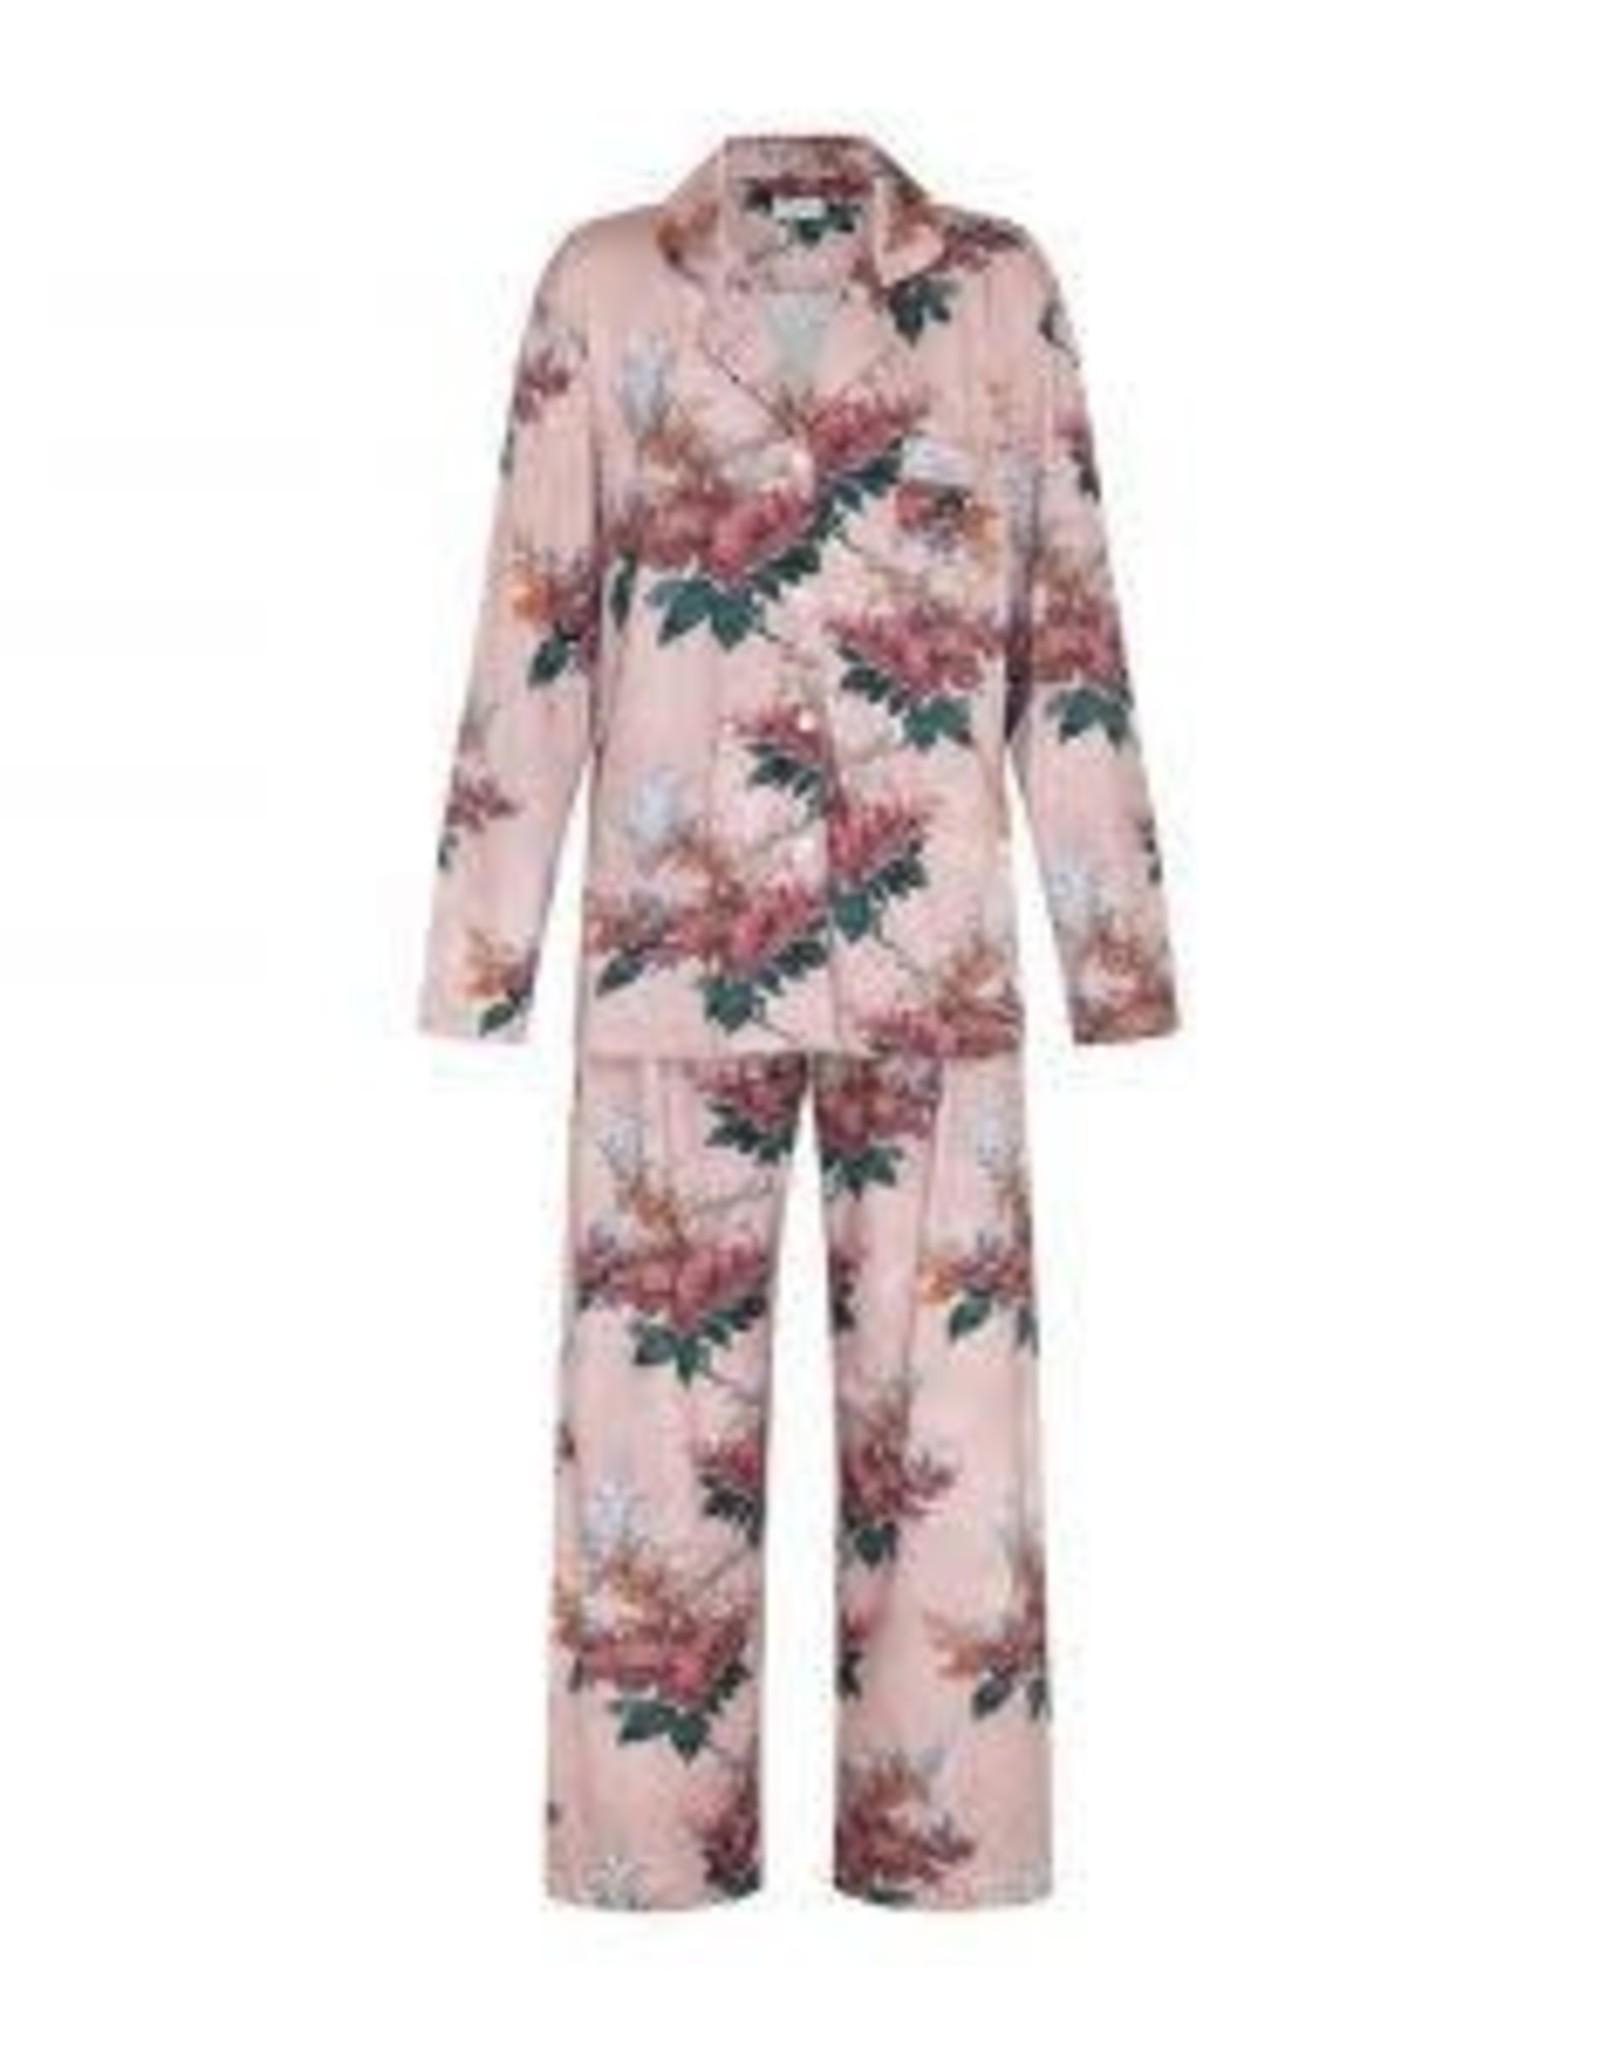 Pyjamas Pink Stock Floral - LARGE